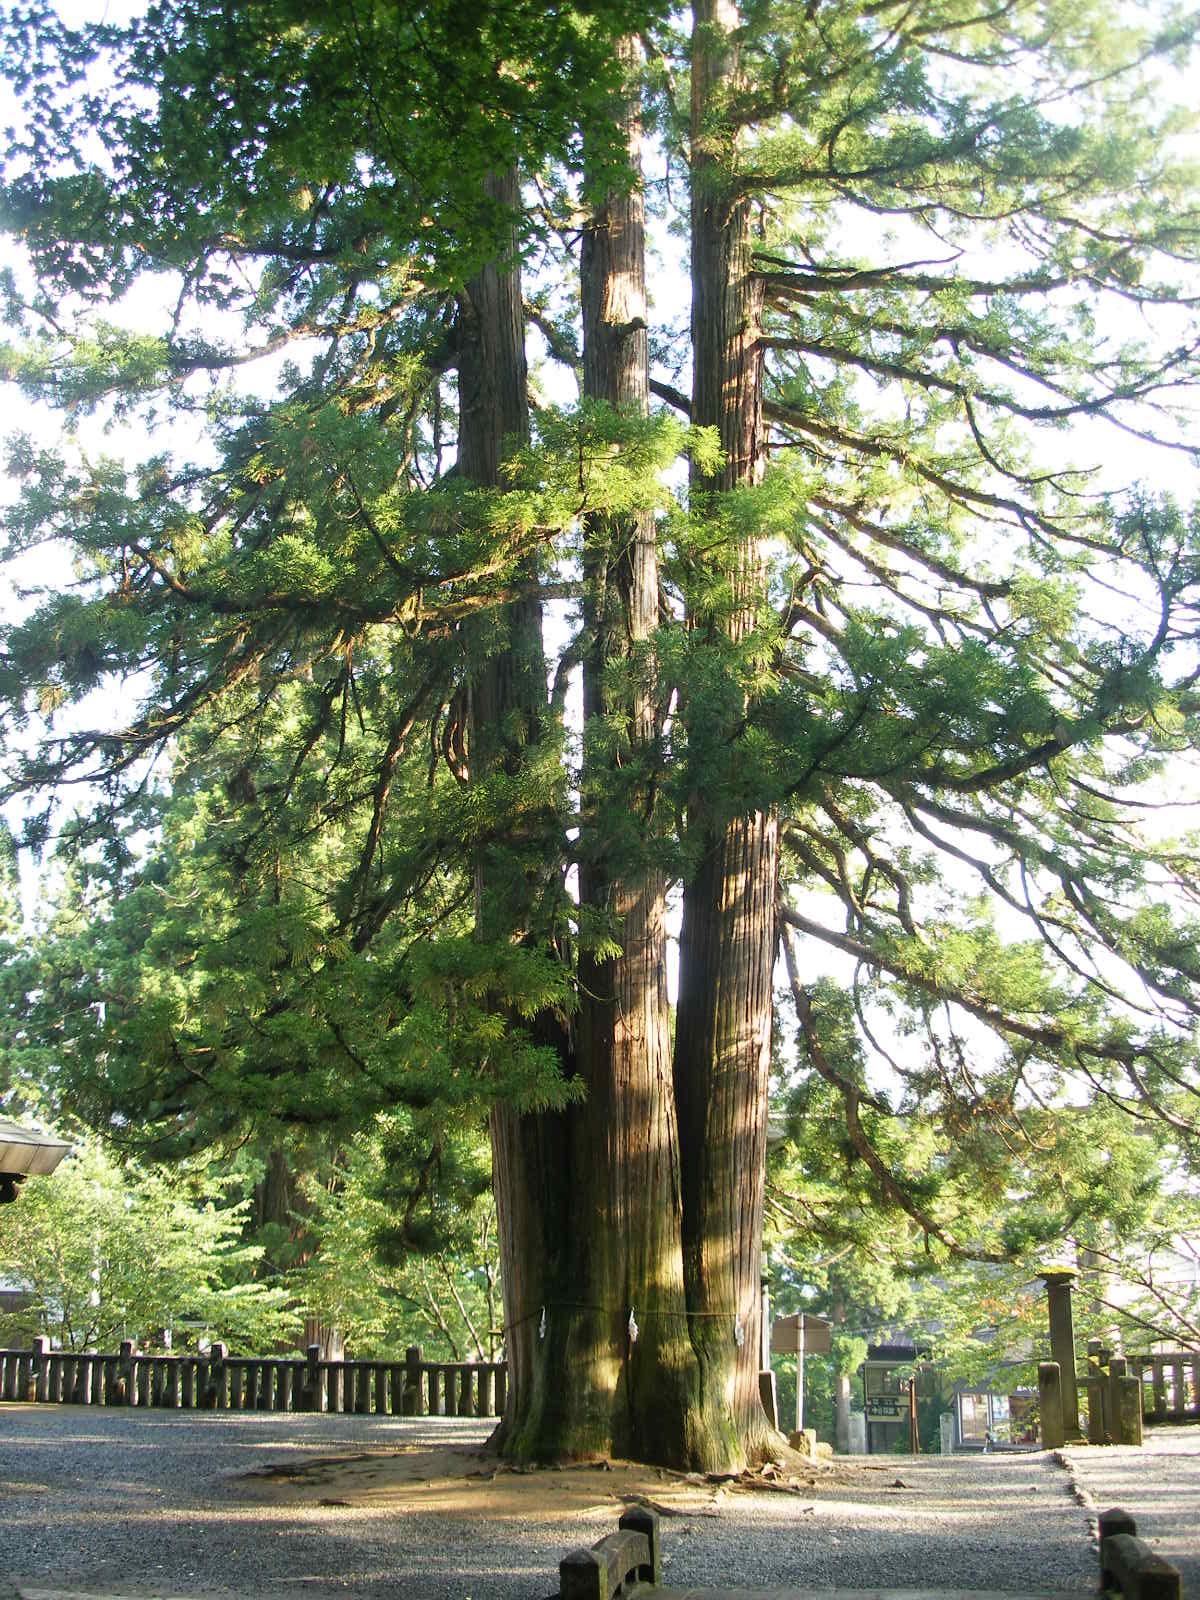 大きな杉 鳥居を三角形に囲む大きな杉が三本たっています この写真は、三... namiumi ナ